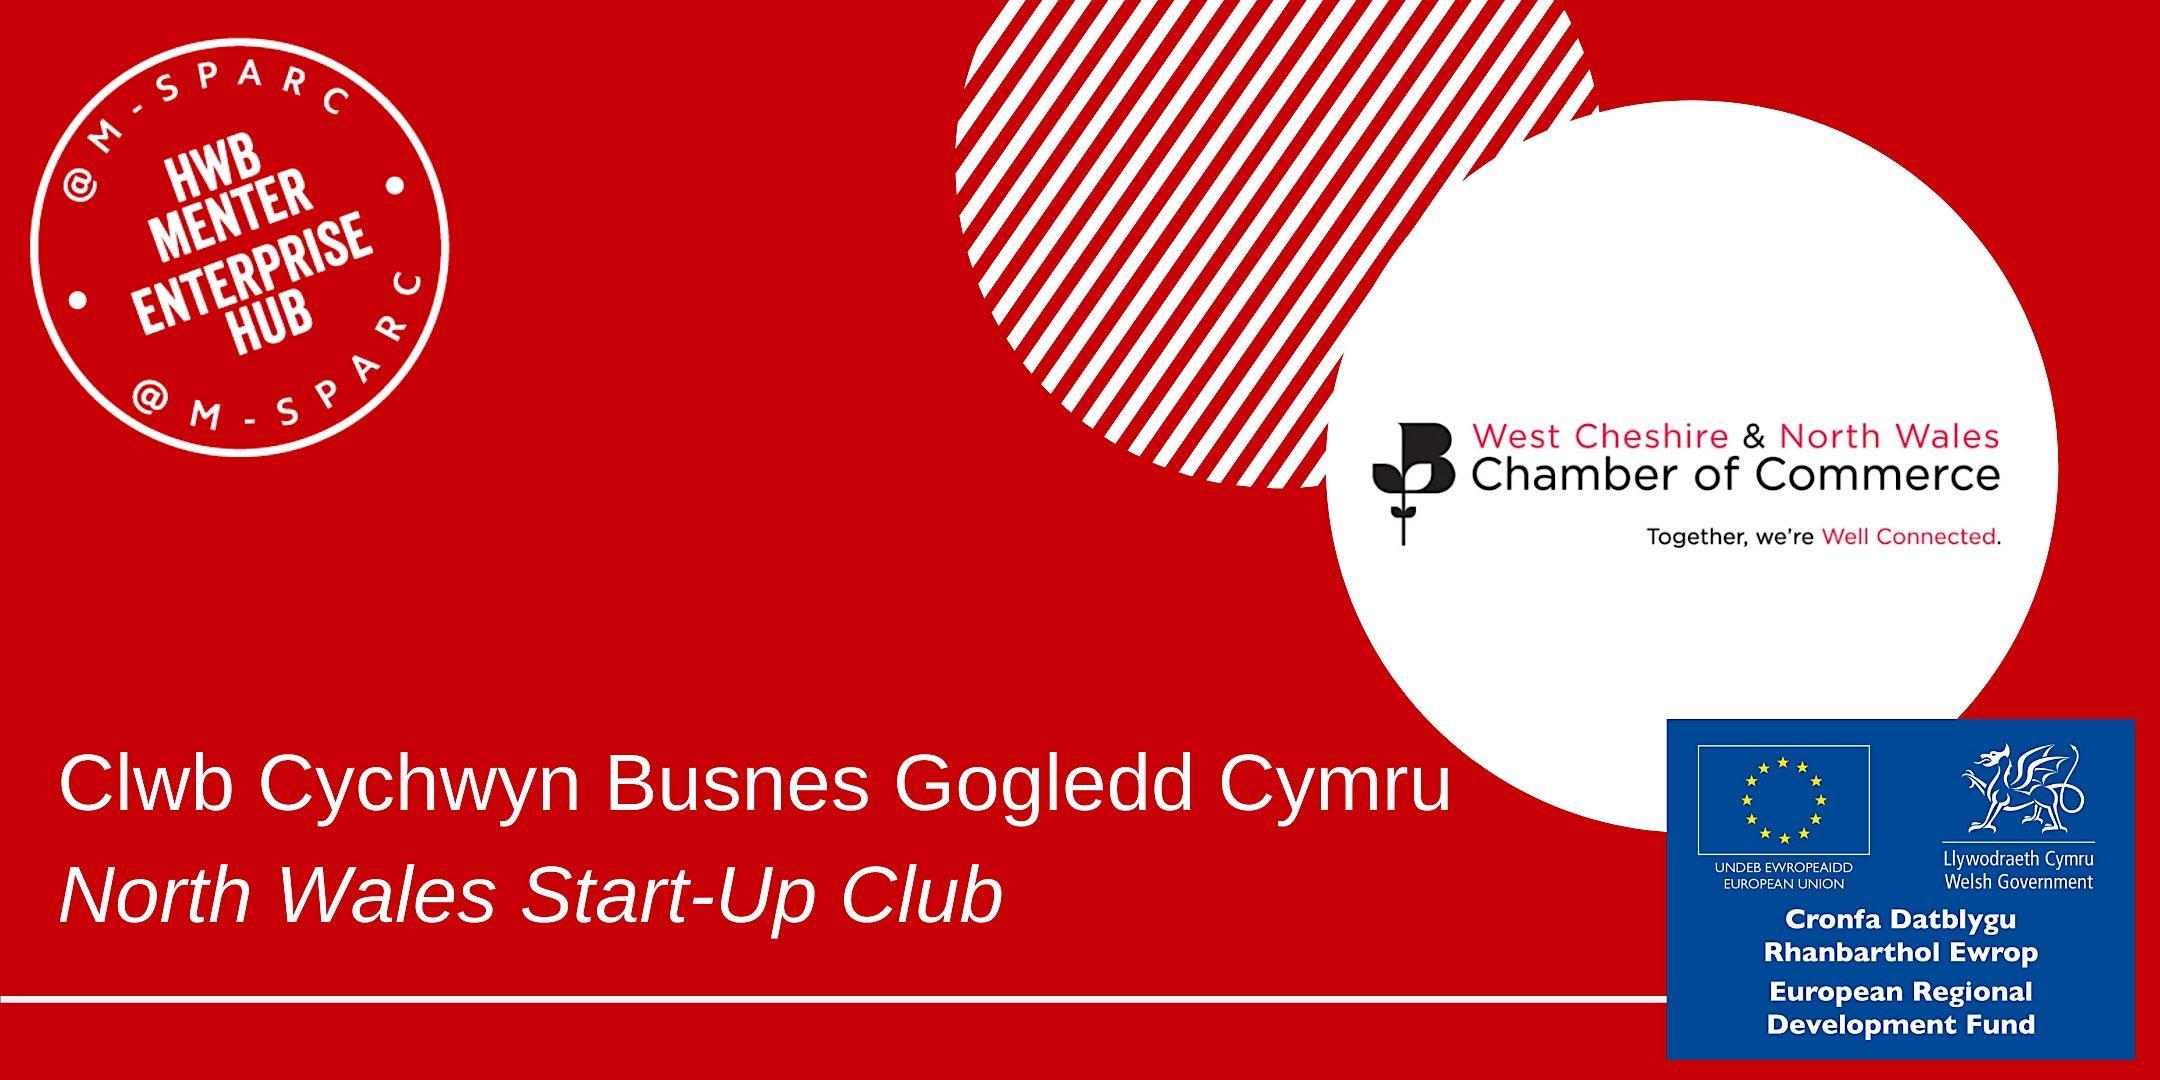 Clwb Cychwyn Busnes / Start-Up Club